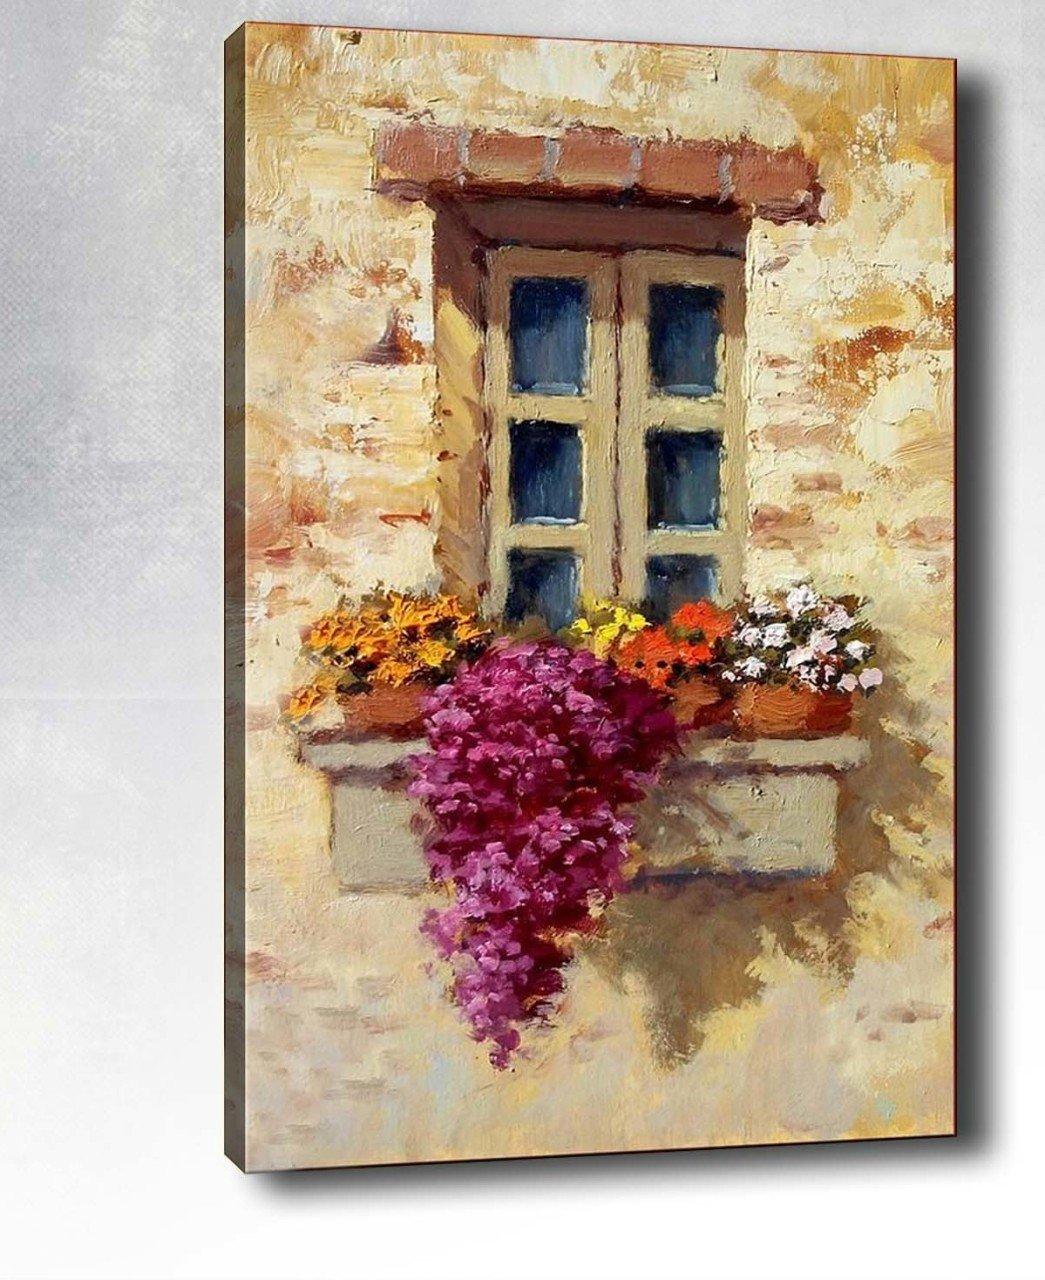 Kurutulmuş Çiçeklerle Tablo Yapımı